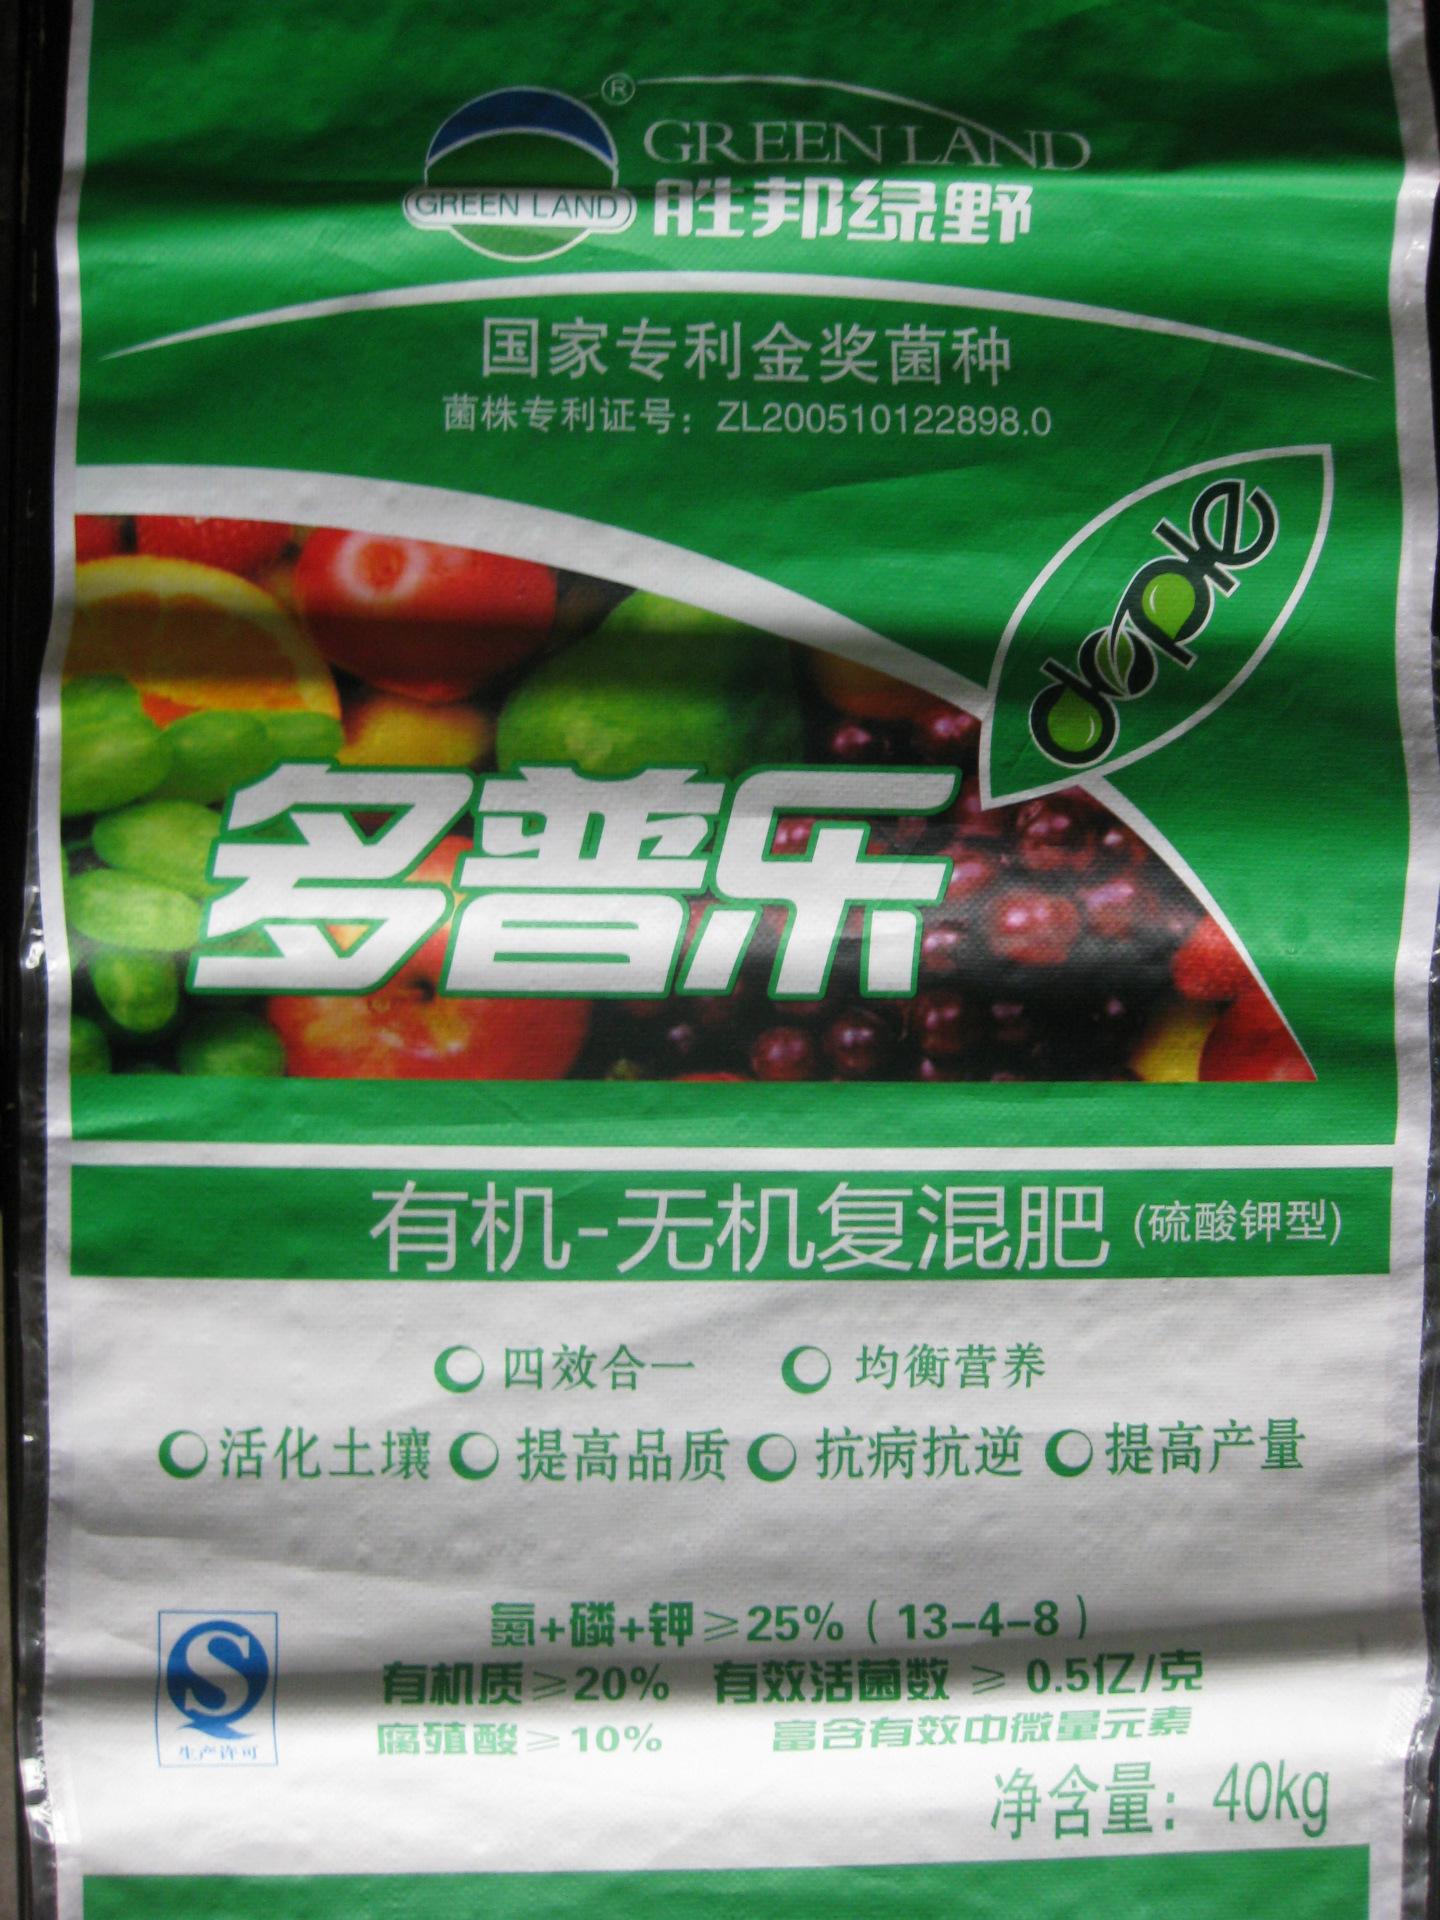 Nguyên liệu sản xuất phân bón Bullock phân bón hữu cơ và vô cơ